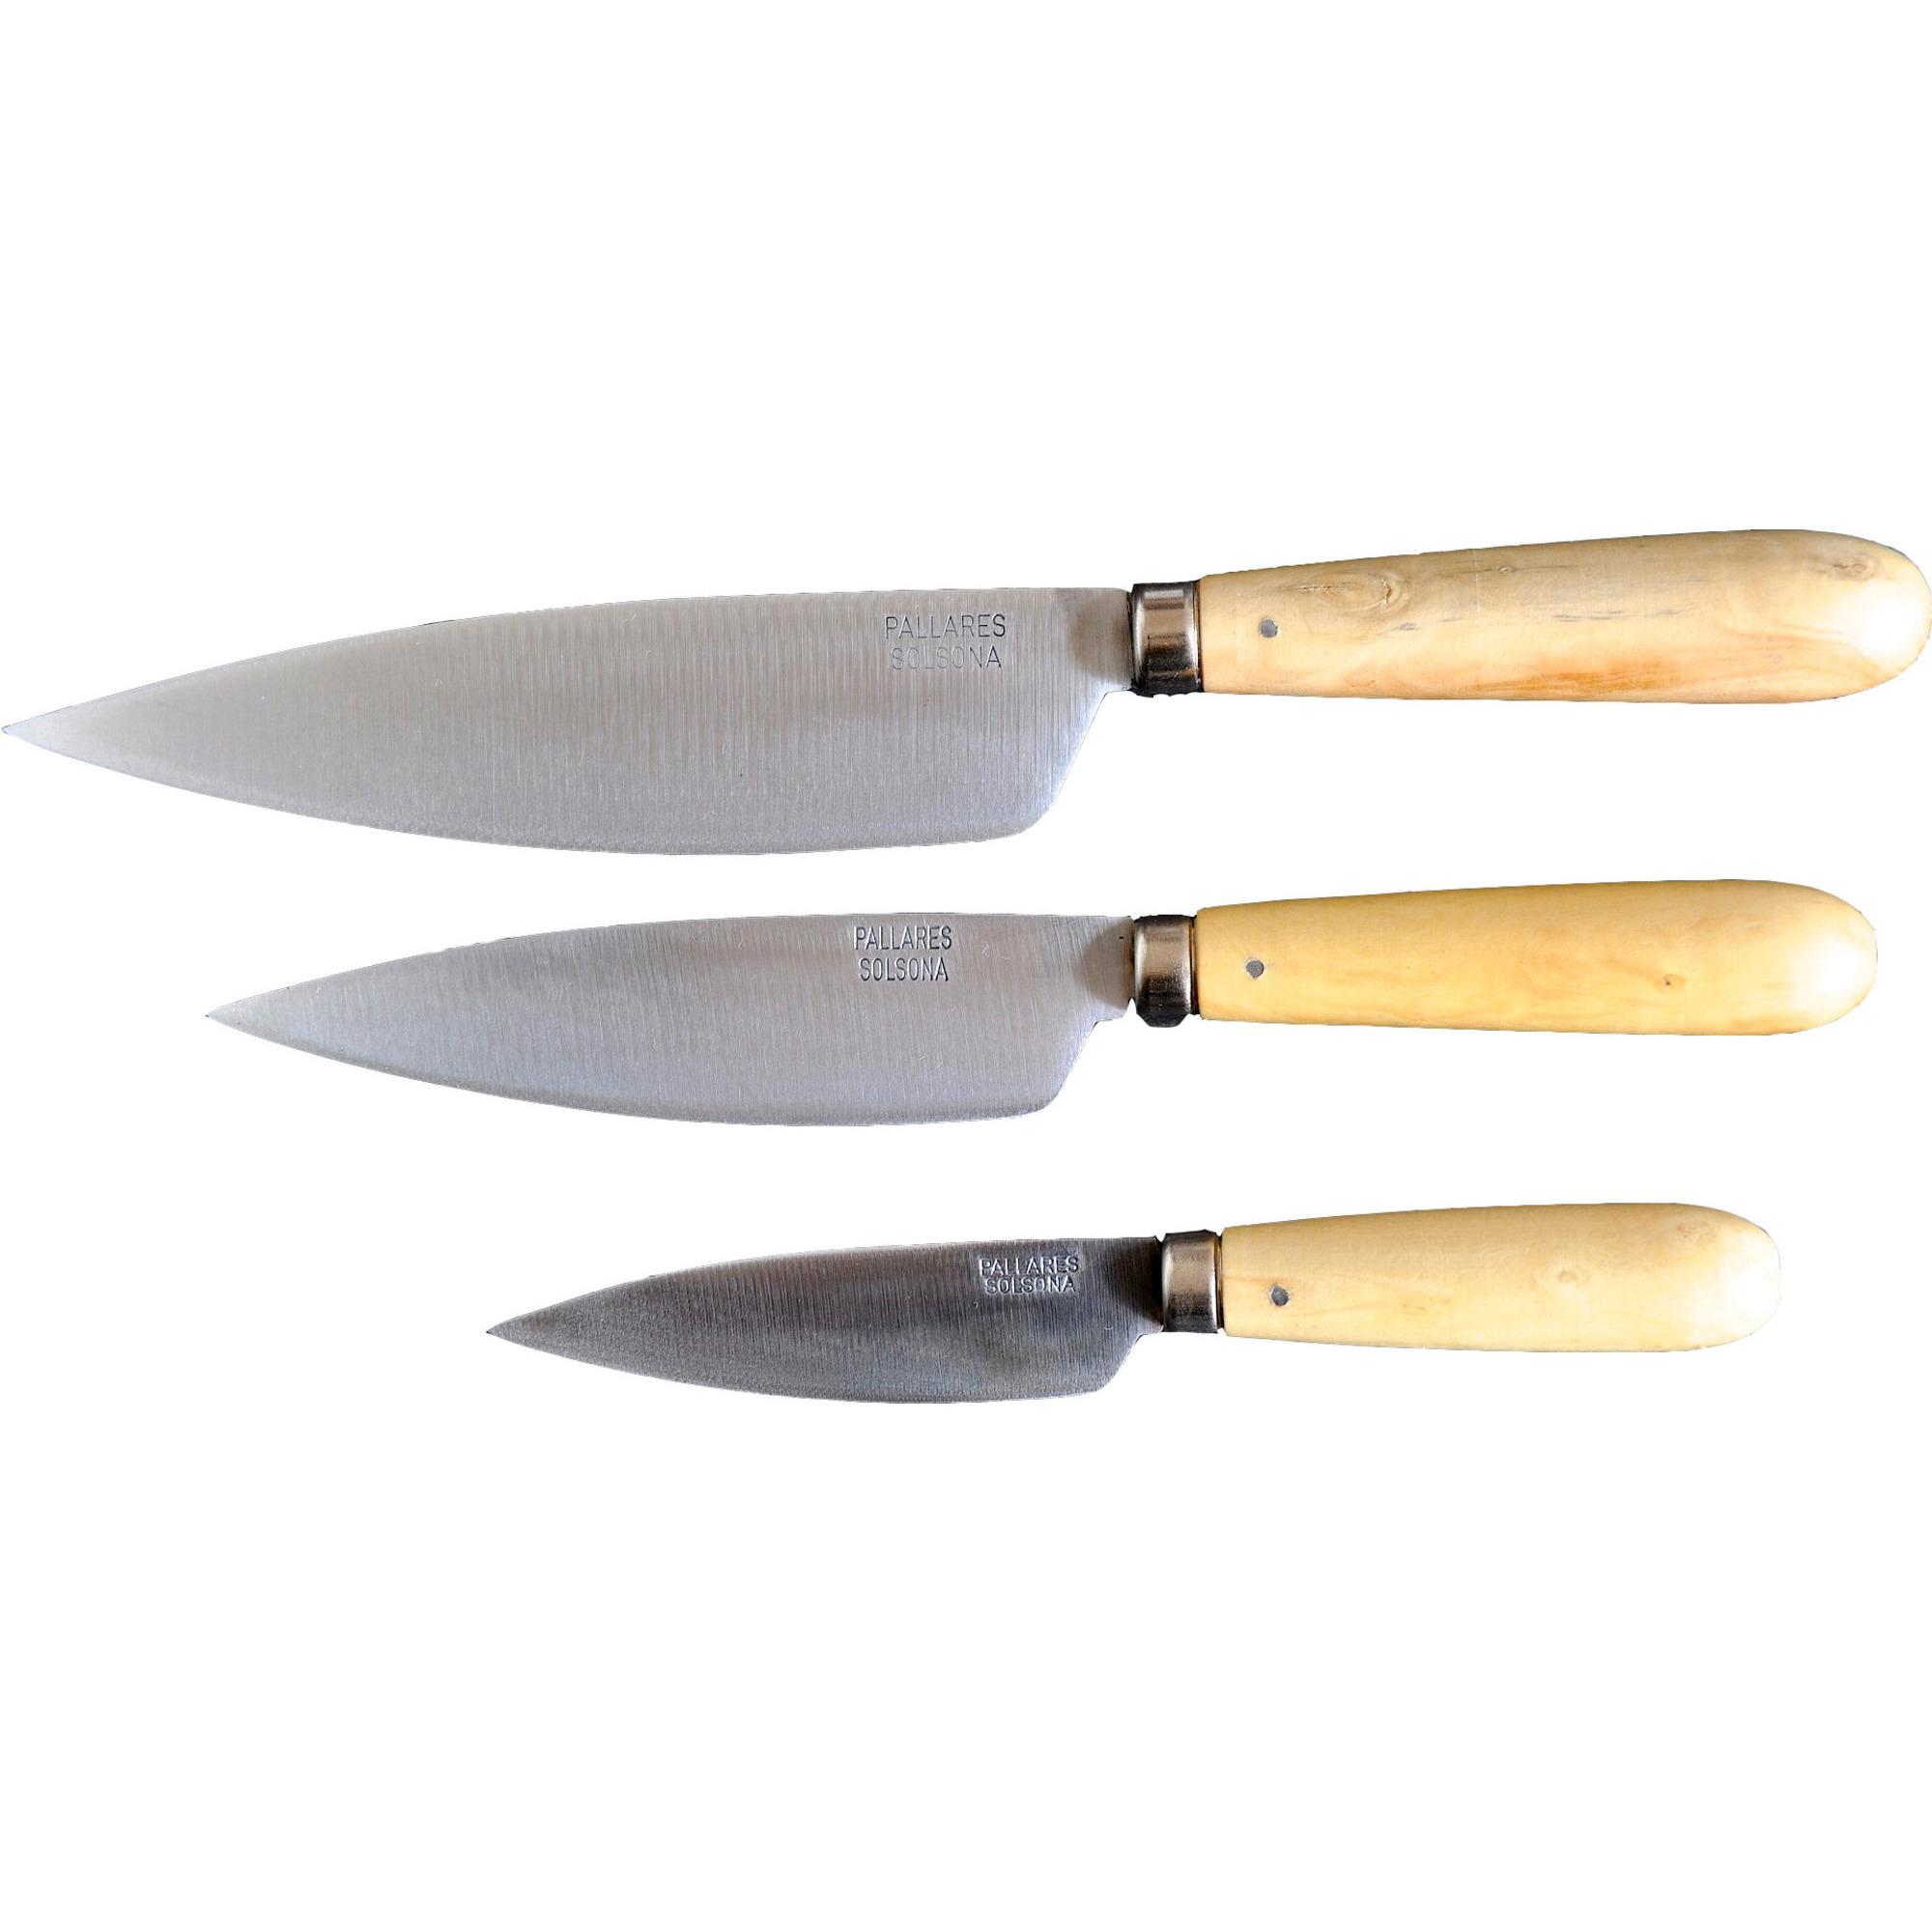 Pallarés Traditionella Köksknivar i set om 3 tygfodral, 9, 13, 16 cm